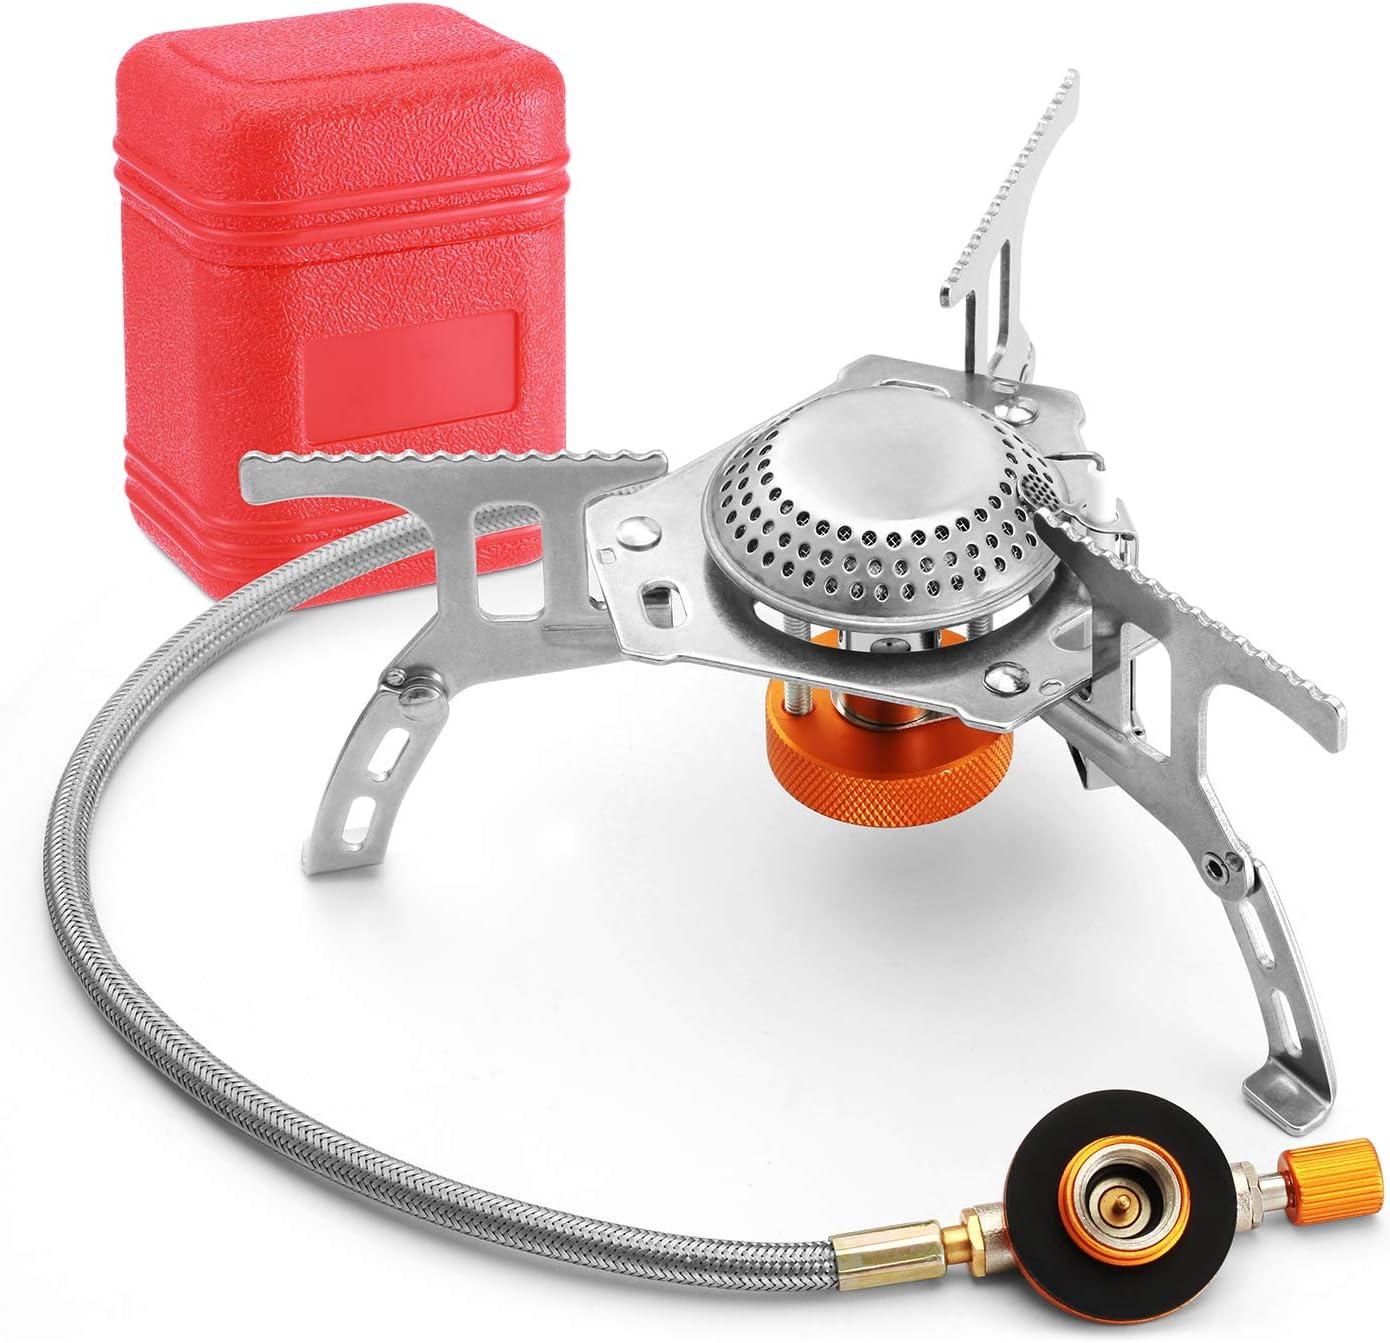 Suzzam Hornillo de camping con encendido piezoeléctrico, 3500 W, plegable, hornillo de gas de camping 360°, círculo resistente al viento para ...